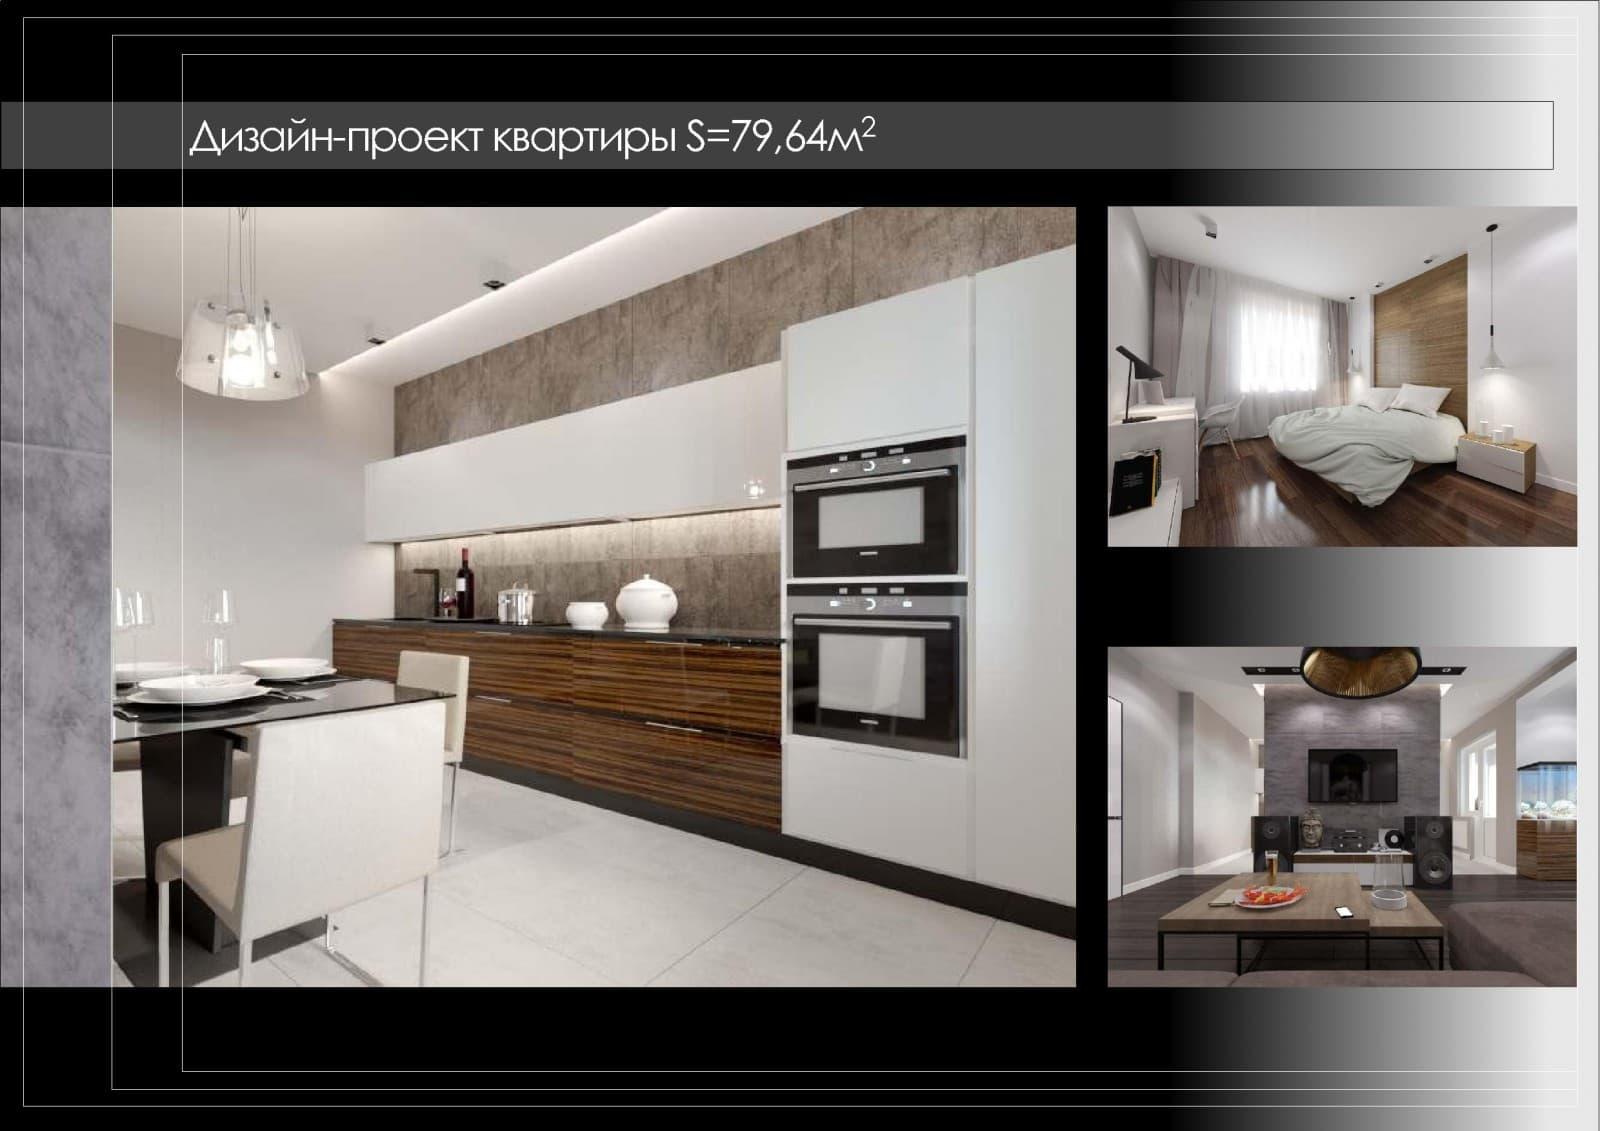 Дизайн проект квартиры спб стоимость